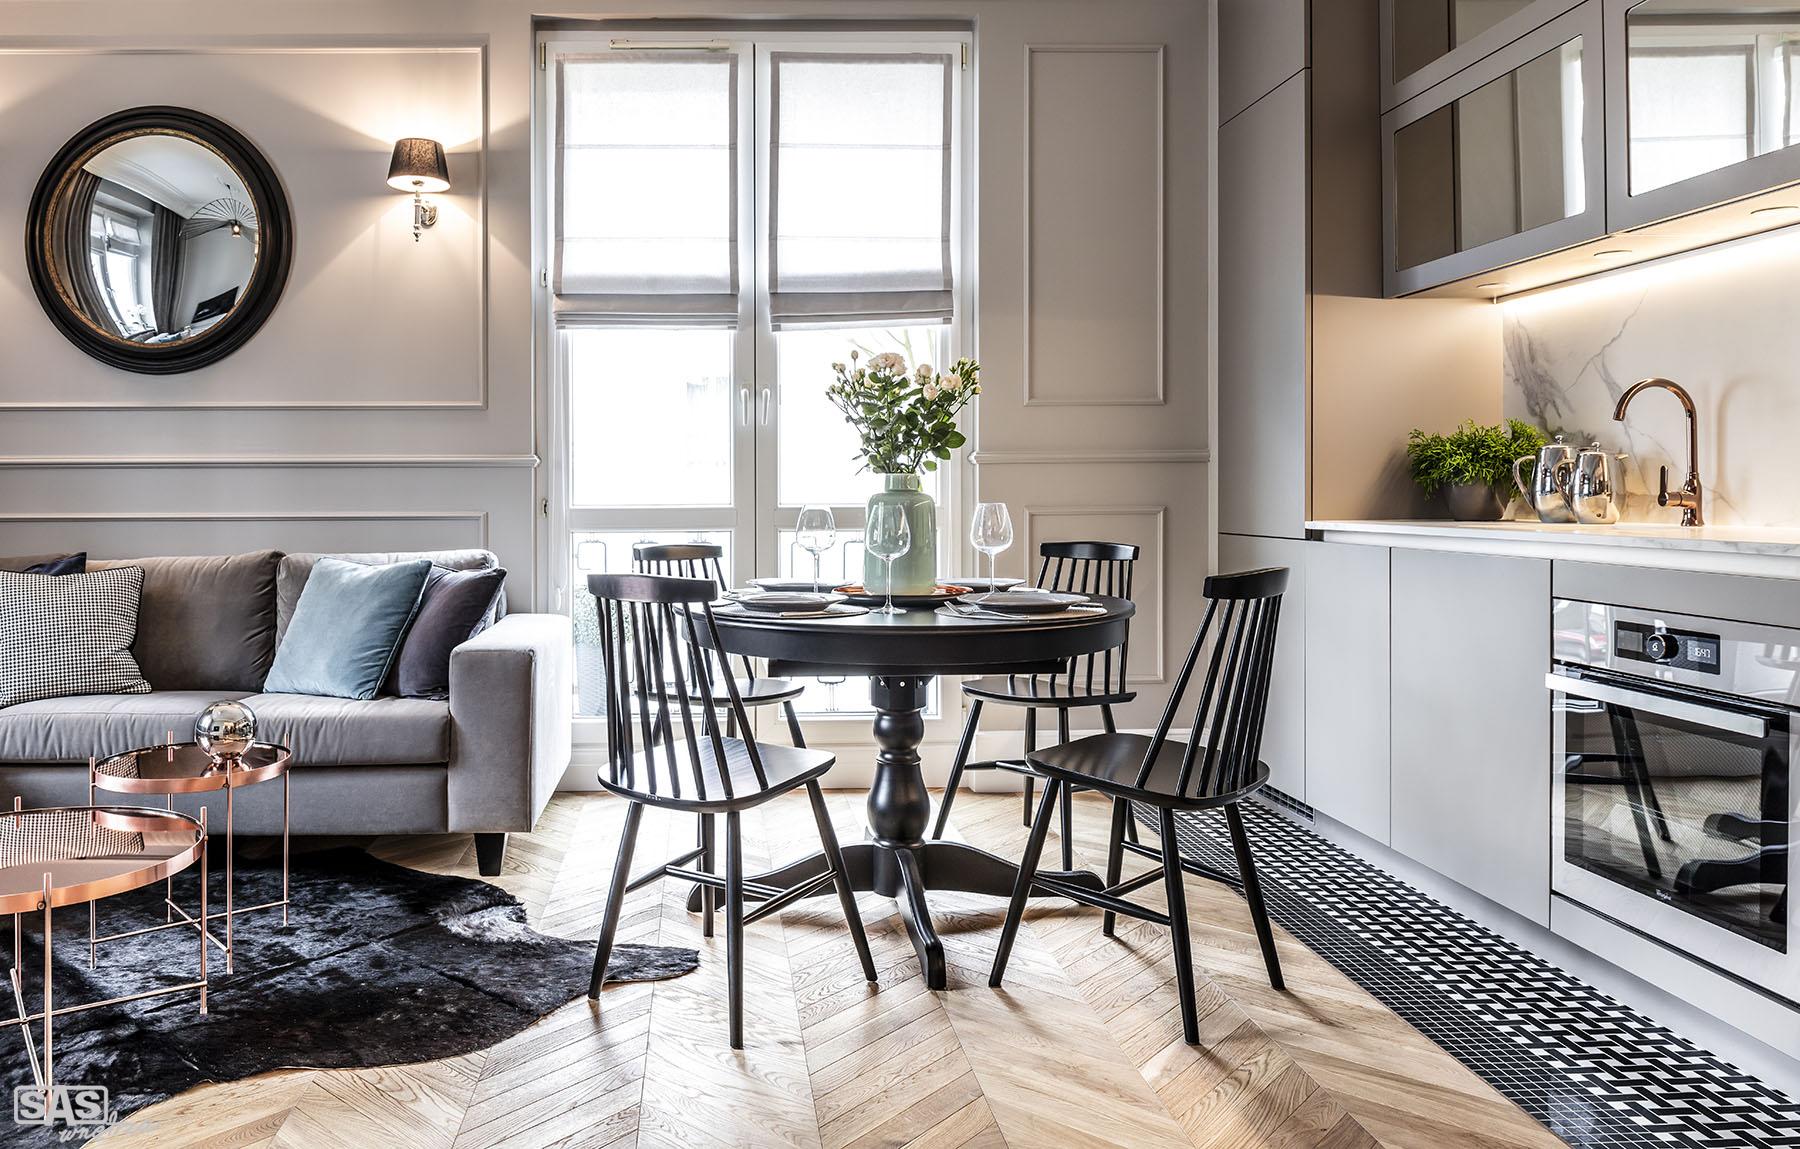 Aranżacja kuchni otwartej na jadalnię i salon - meble kuchenne naa wymiar wykonała firma SAS Wnętrza i Kuchnie - projekt architekt wnętrz Emilia Strzempek Plasun.